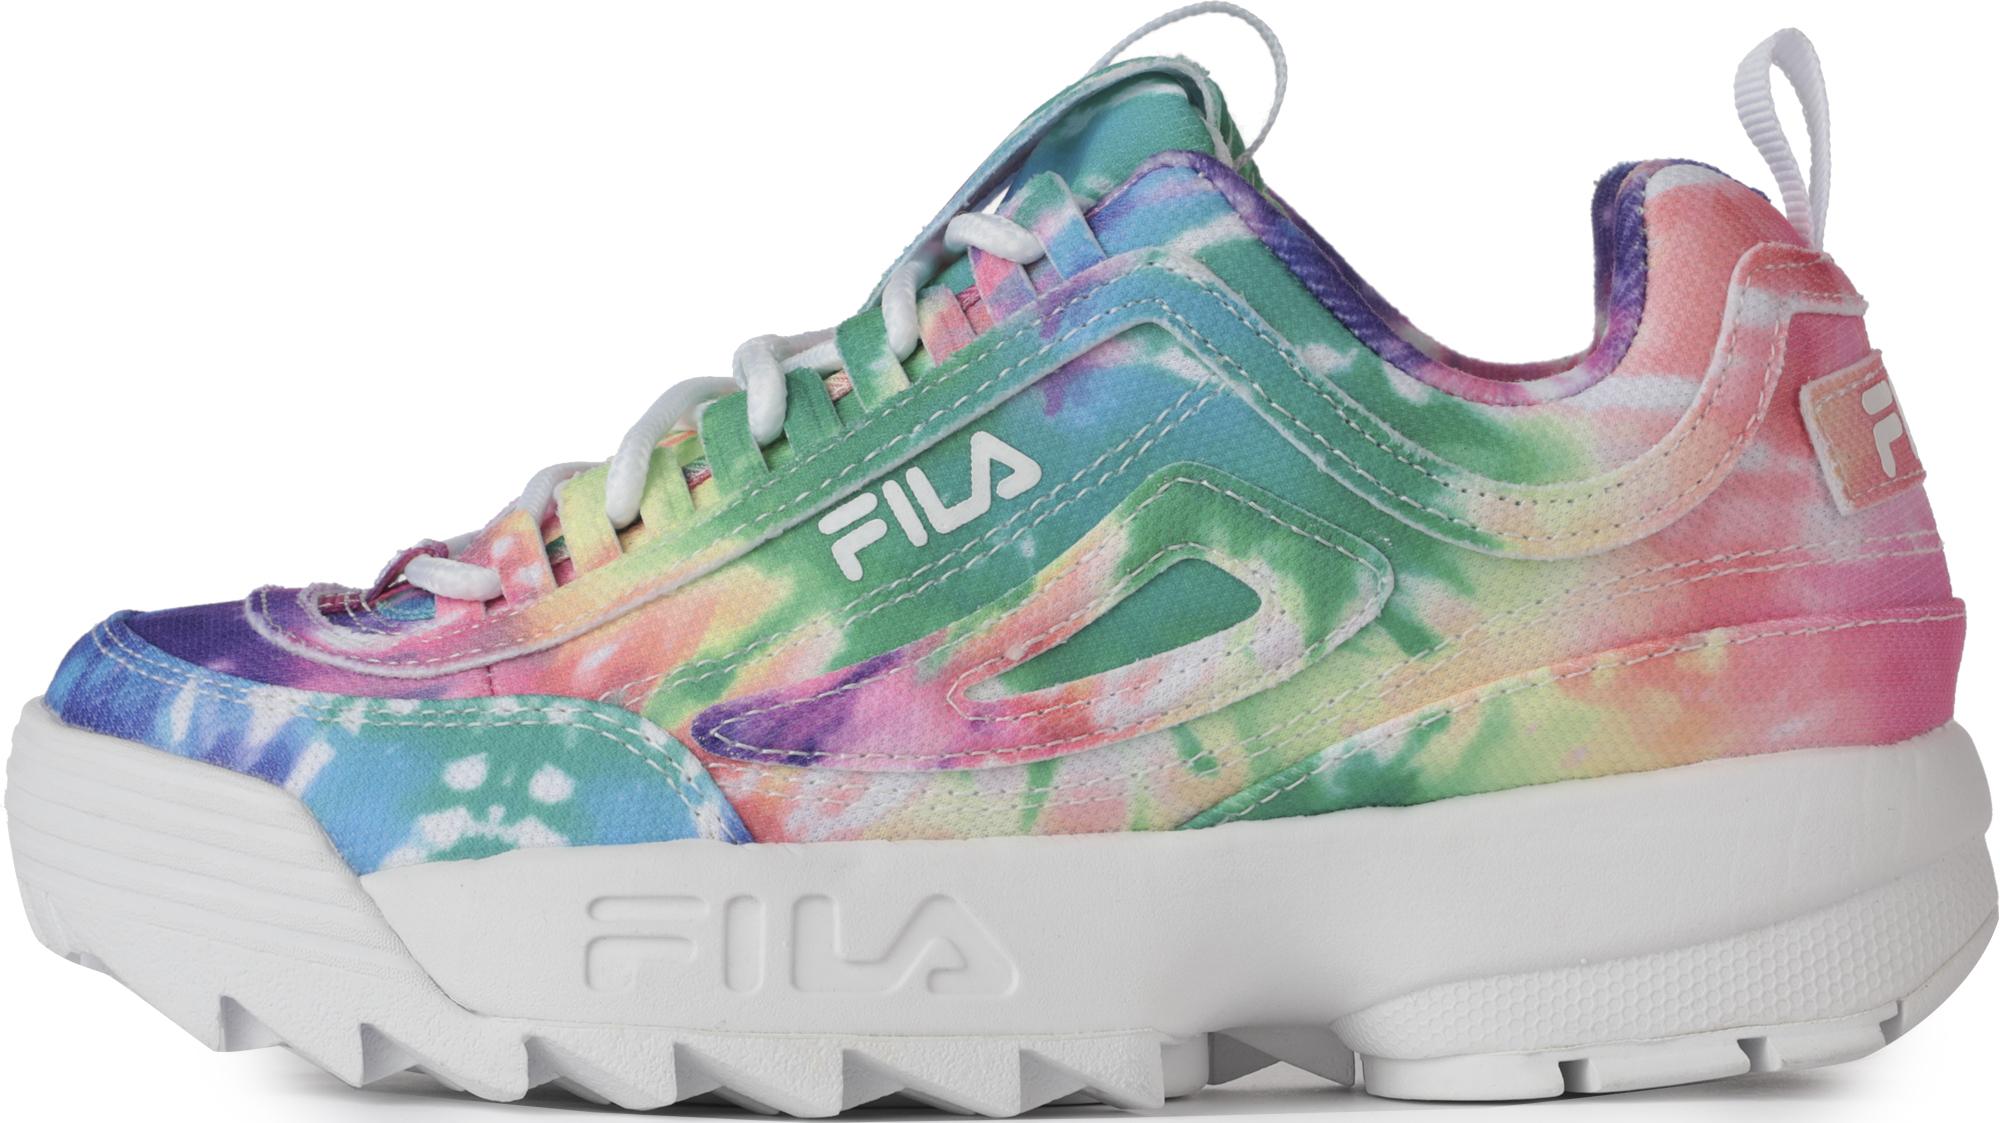 Fila Кроссовки для девочек Fila Disruptor II Tie Dye, размер 34.5